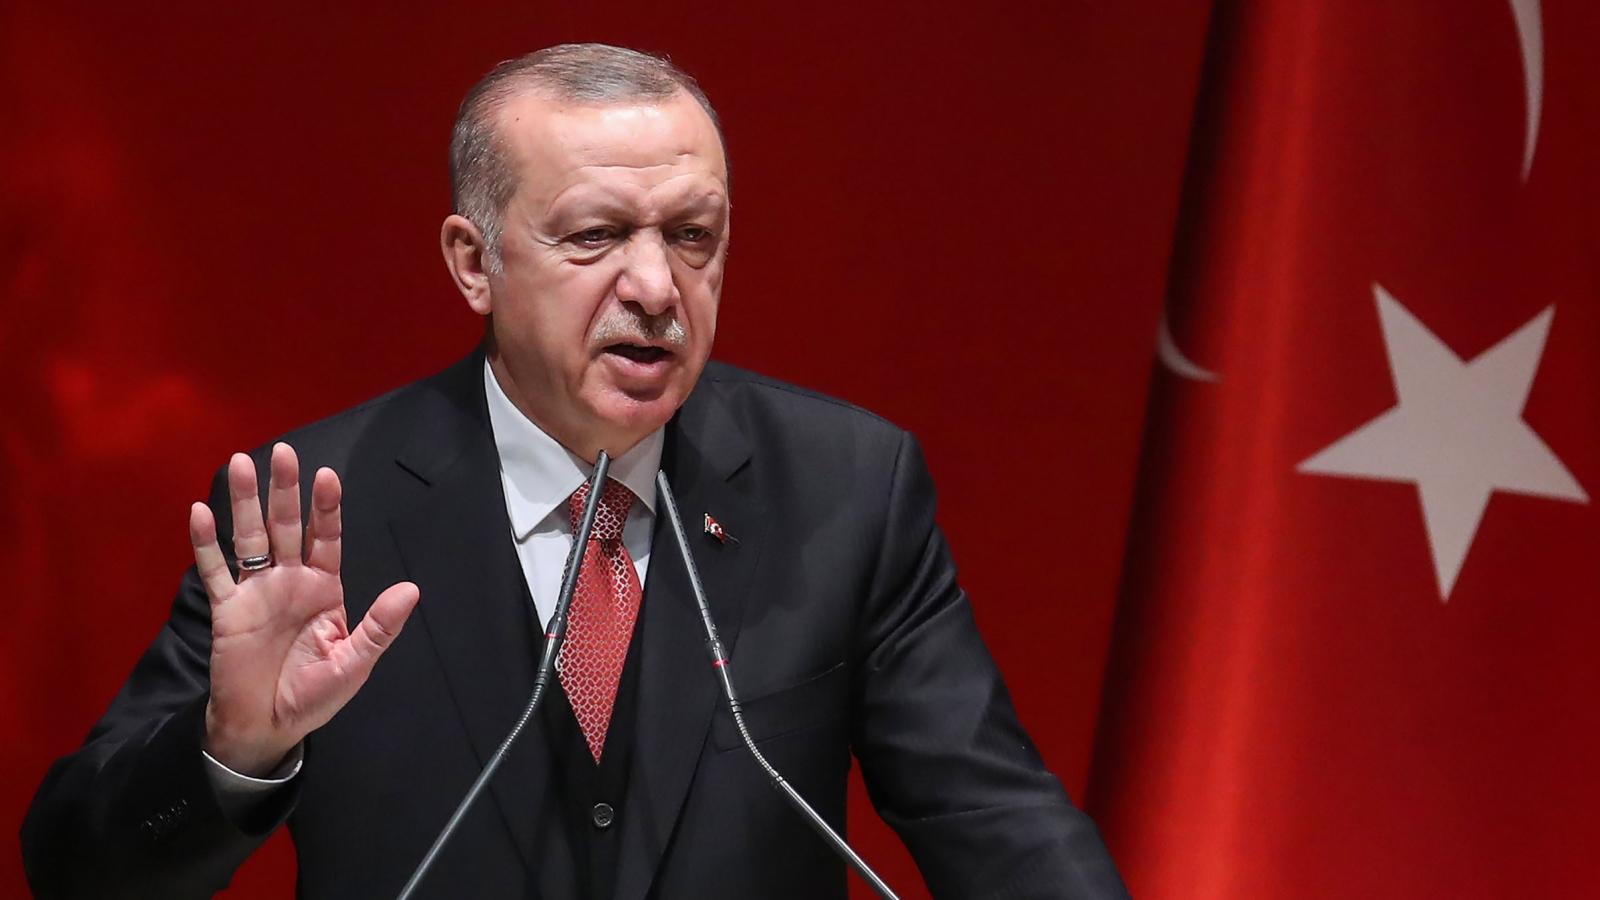 """Thổ Nhĩ Kỳ muốn """"sang trang quan hệ"""" với EU, """"giấc mơ ngôi nhà chung"""" vẫn xa vời"""